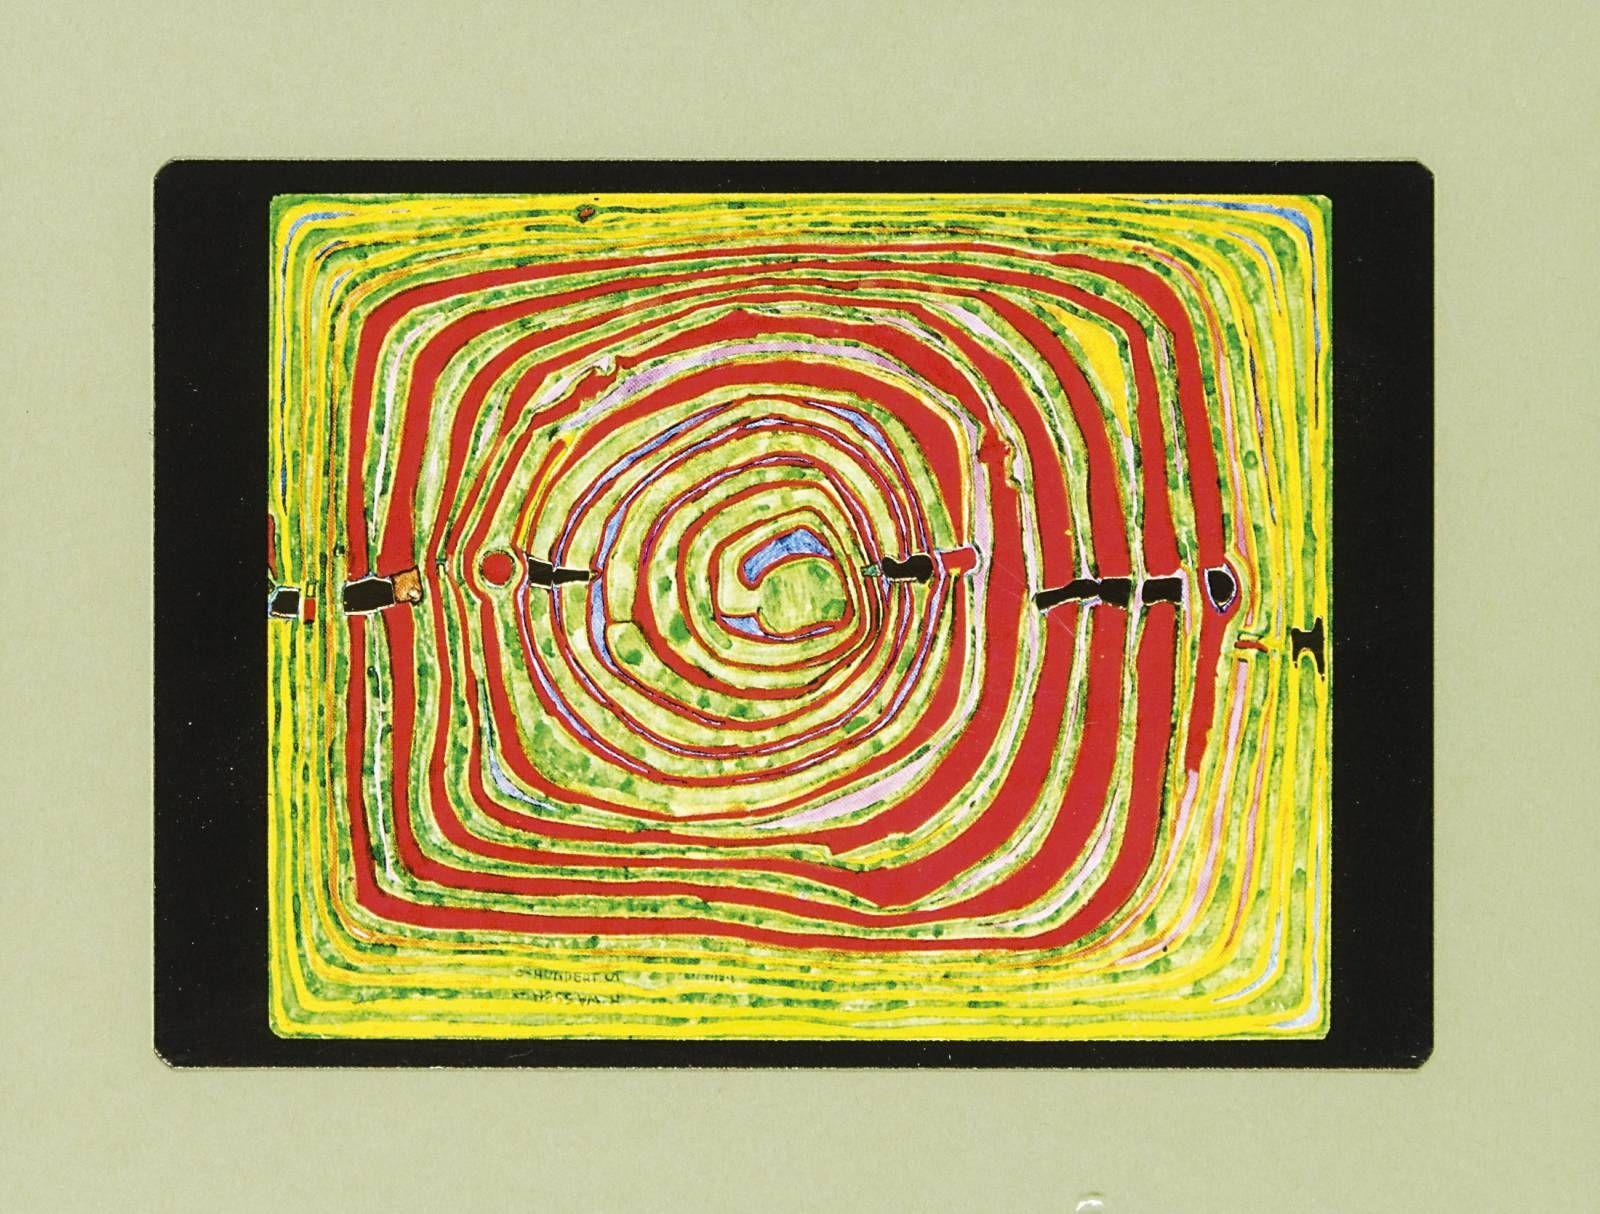 Výsledok vyhľadávania obrázkov pre dopyt Friedensreich Hundertwasser - Labyrinth